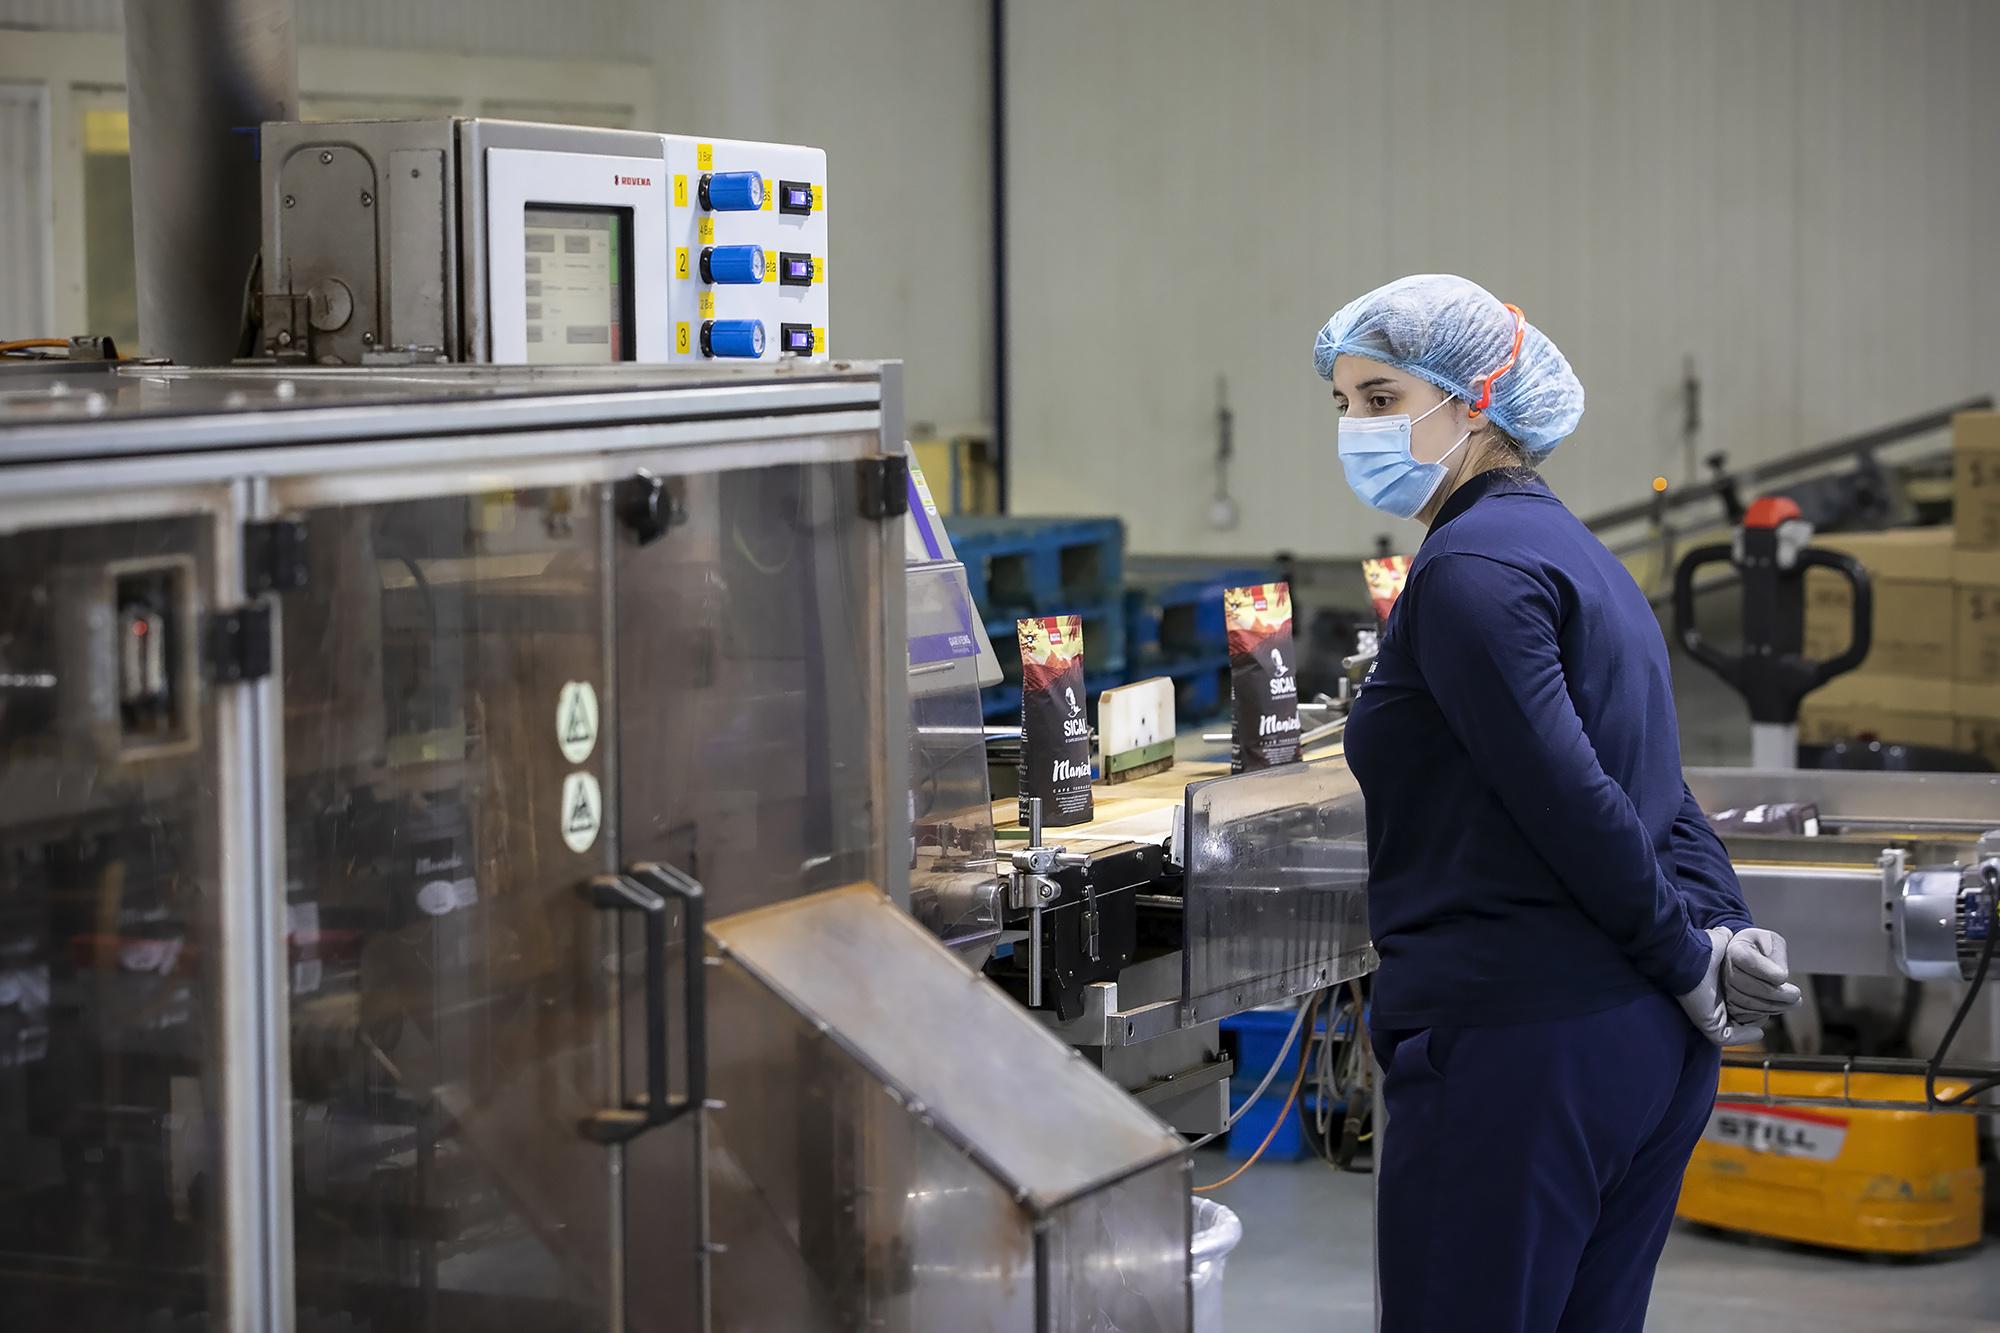 Unidade de produção de café da fábrica Nestlé, Porto - 26OUT20